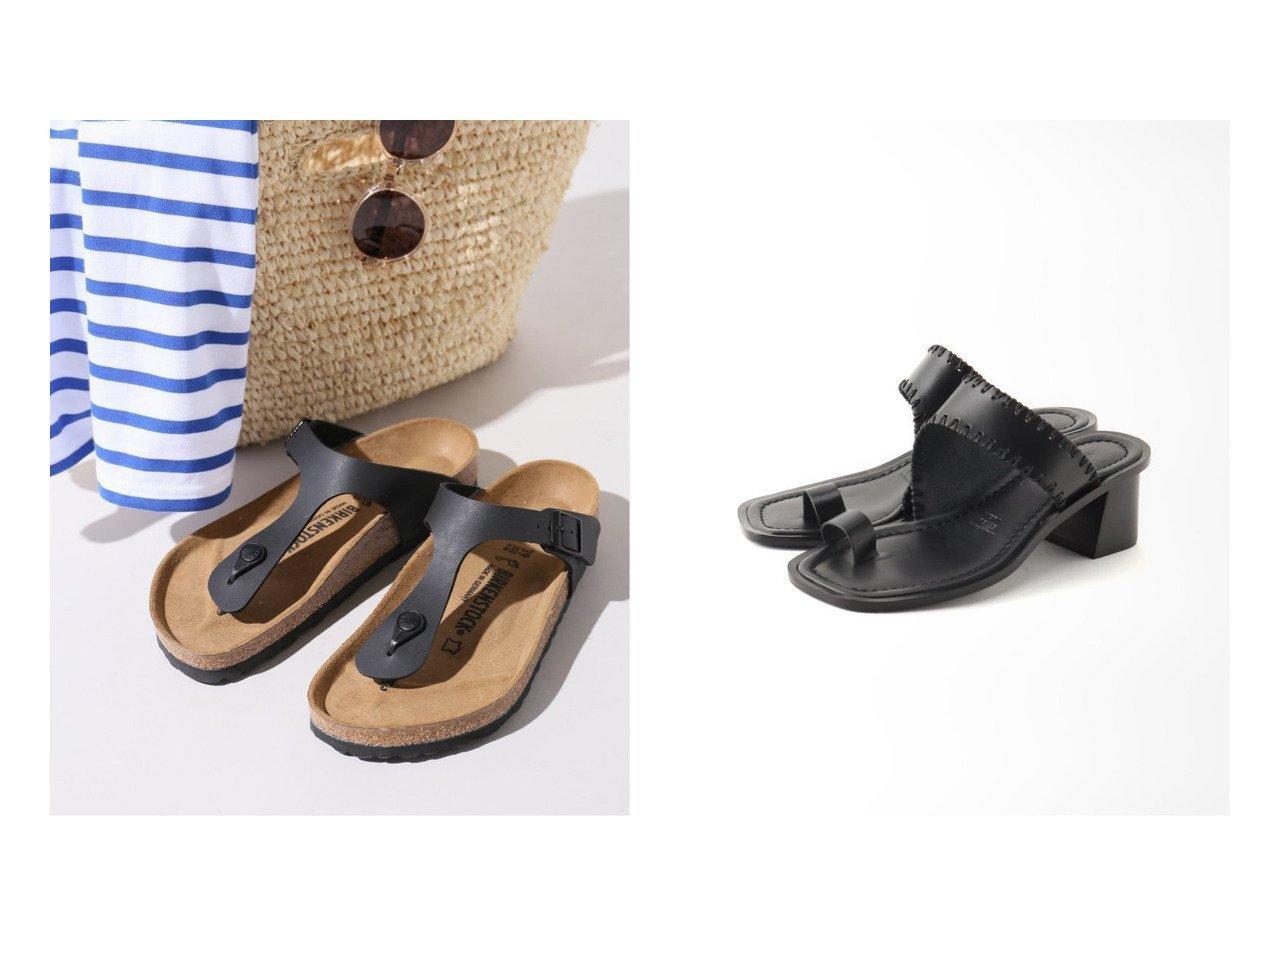 【Plage/プラージュ】の【ビルケンシュトック】 GIZEHサンダル&【Spick & Span/スピック&スパン】の【MAURO DE BARI】 ステッチサンダル 【シューズ・靴】おすすめ!人気トレンド・レディースファッション通販 おすすめで人気の流行・トレンド、ファッションの通販商品 インテリア・家具・メンズファッション・キッズファッション・レディースファッション・服の通販 founy(ファニー) https://founy.com/ ファッション Fashion レディースファッション WOMEN 2020年 2020 2020春夏・S/S SS・Spring/Summer/2020 S/S・春夏 SS・Spring/Summer サンダル シューズ フィット 再入荷 Restock/Back in Stock/Re Arrival 夏 Summer 定番 Standard 2021年 2021 2021春夏・S/S SS/Spring/Summer/2021 イタリア |ID:crp329100000051521